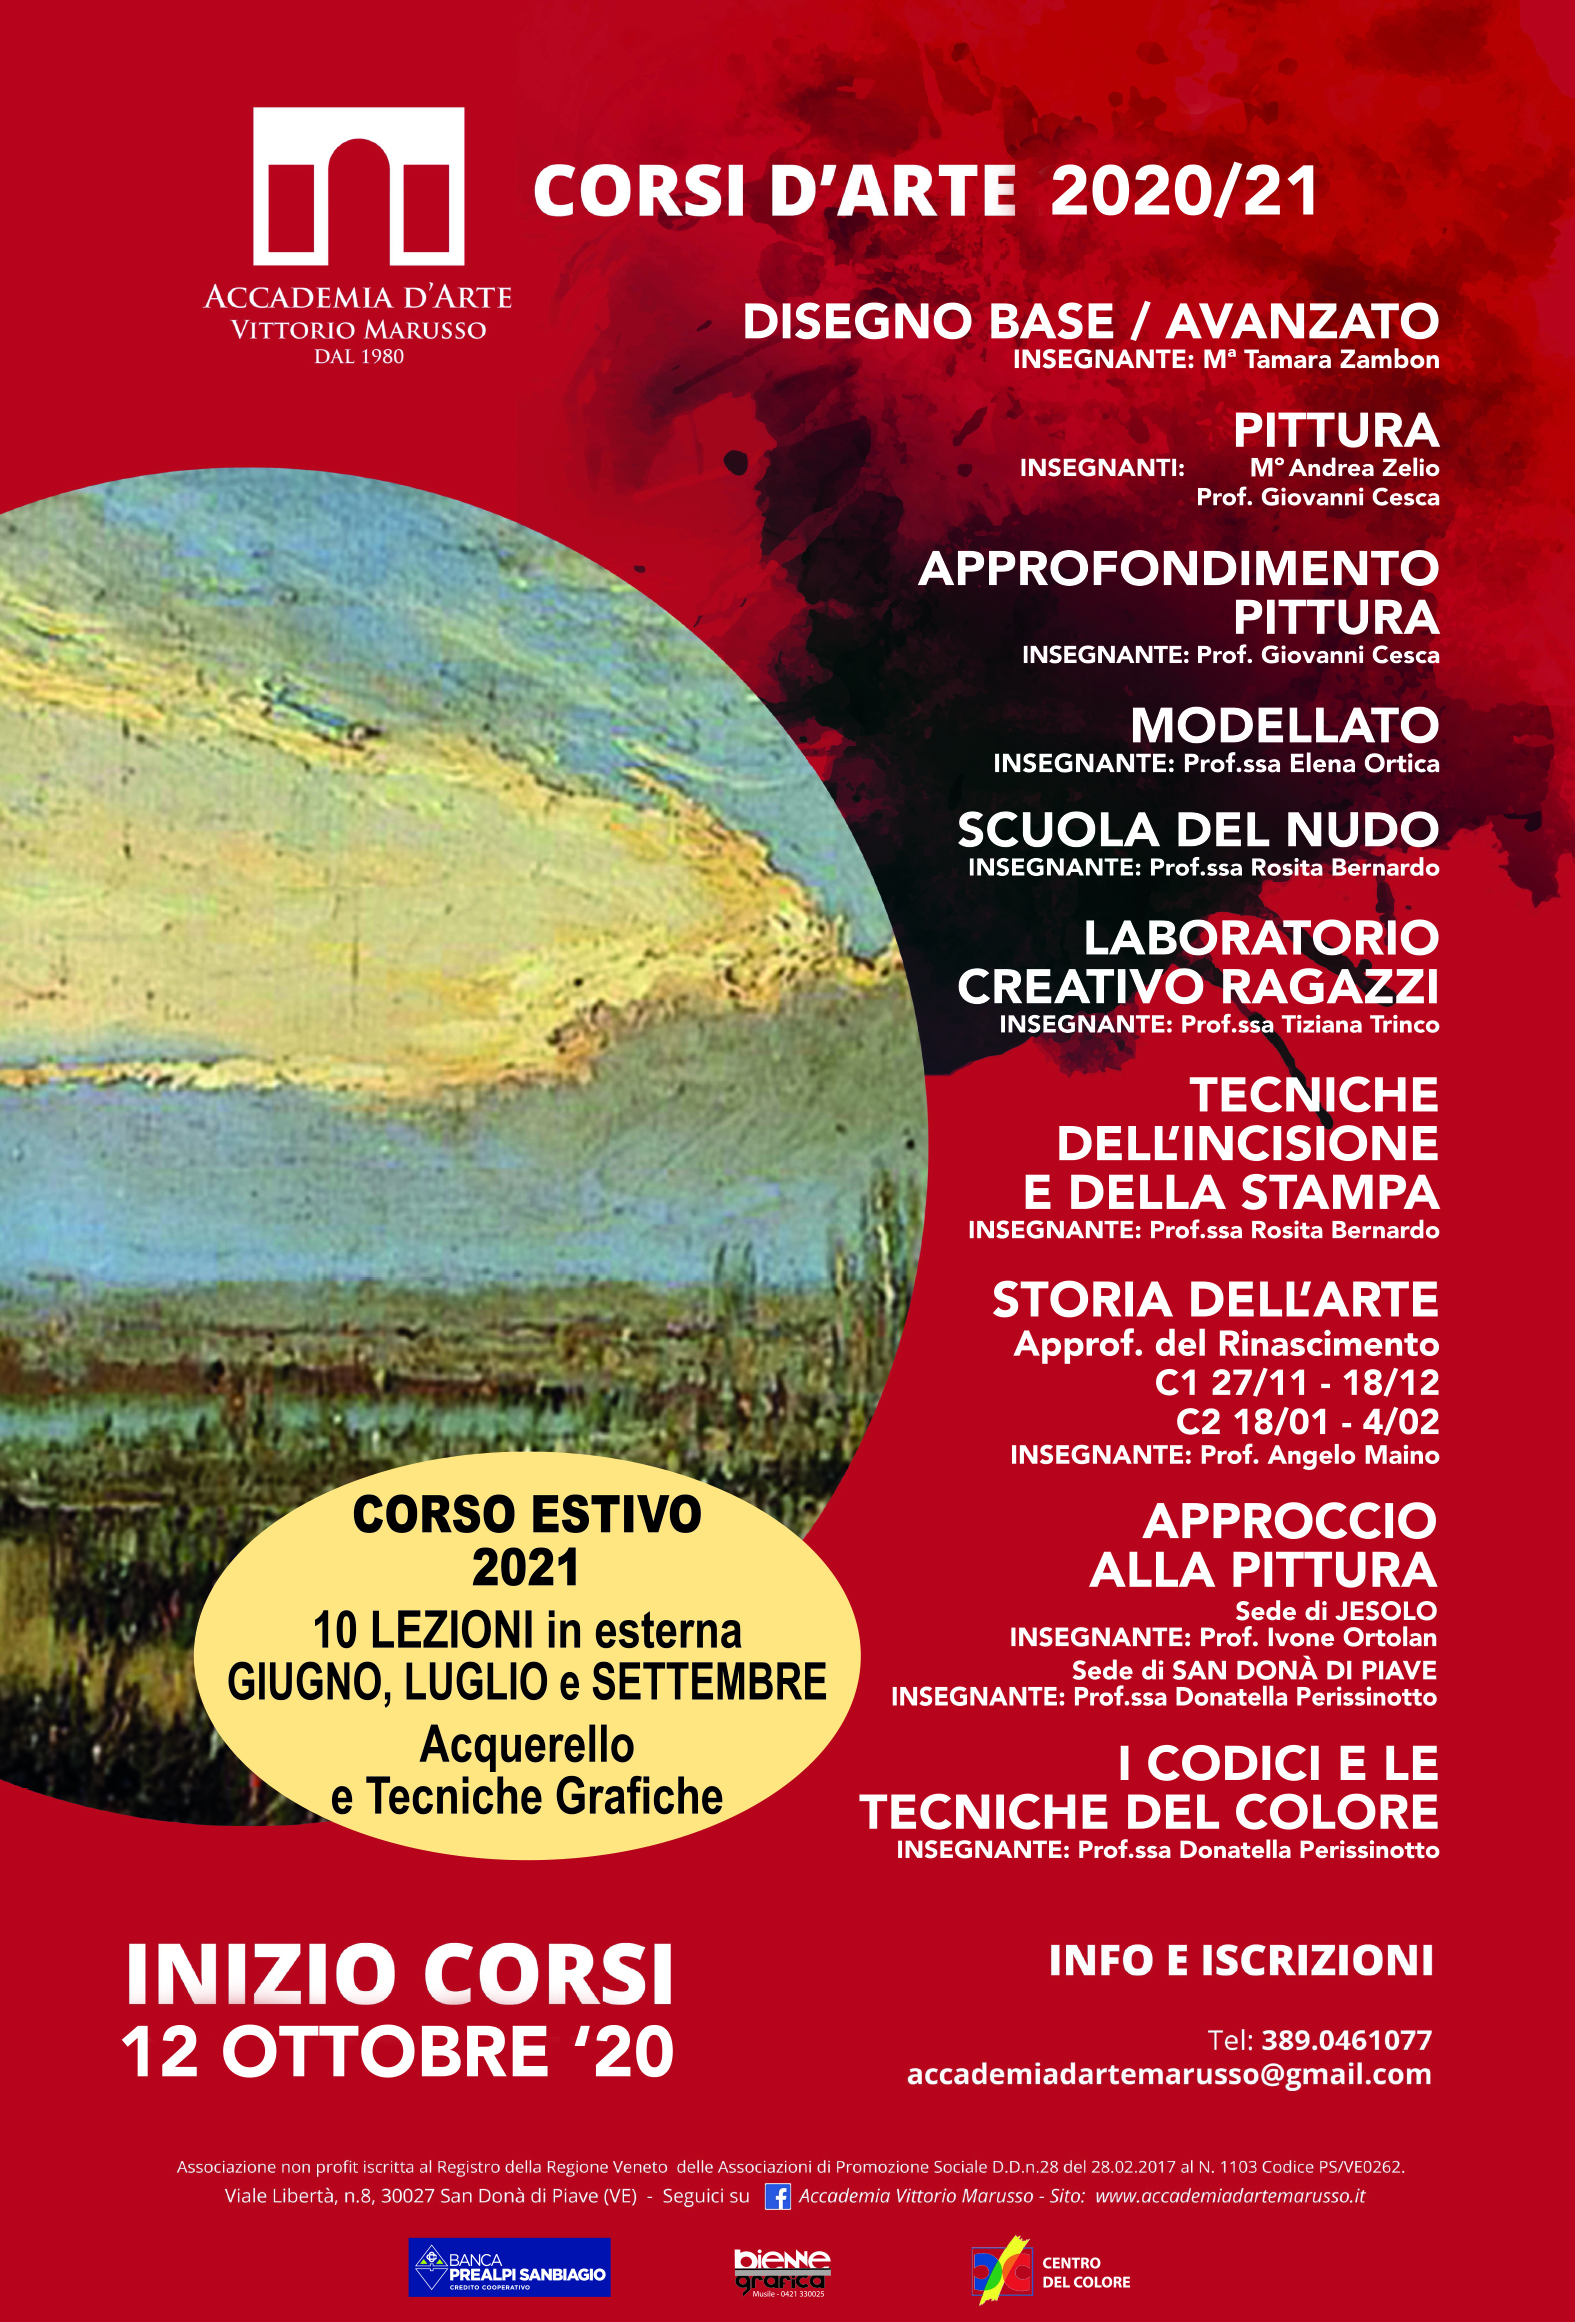 locandina CORSI 2020-21